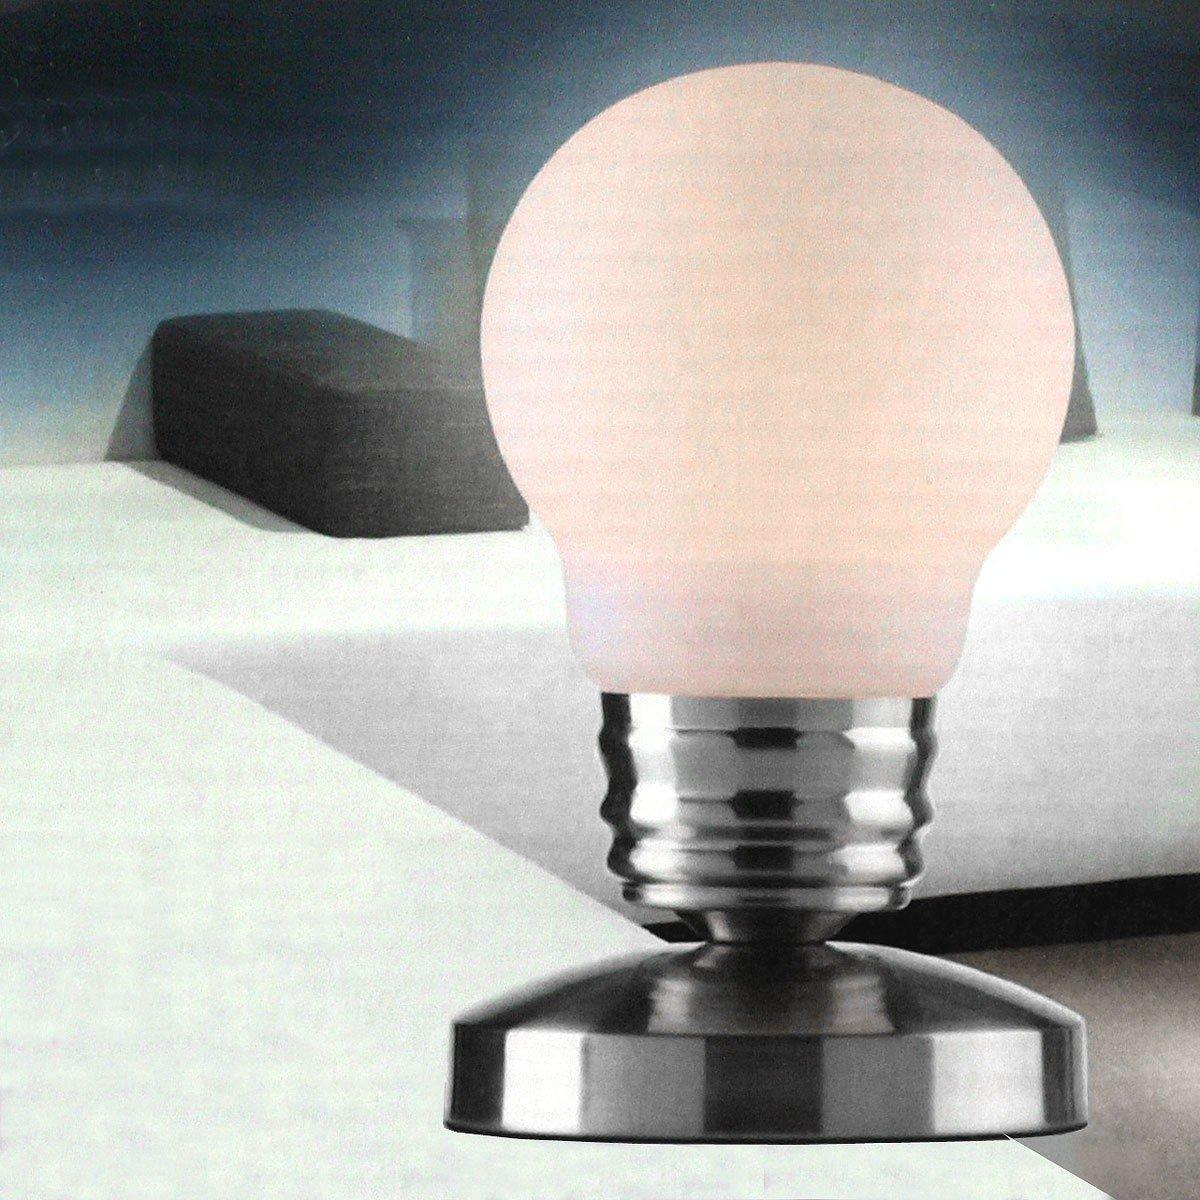 Genial Coole Nachttischlampe Dekoration Von Grundig Edelstahl Tischlampe Tischleuchte Touchlampe Touch Conrol: